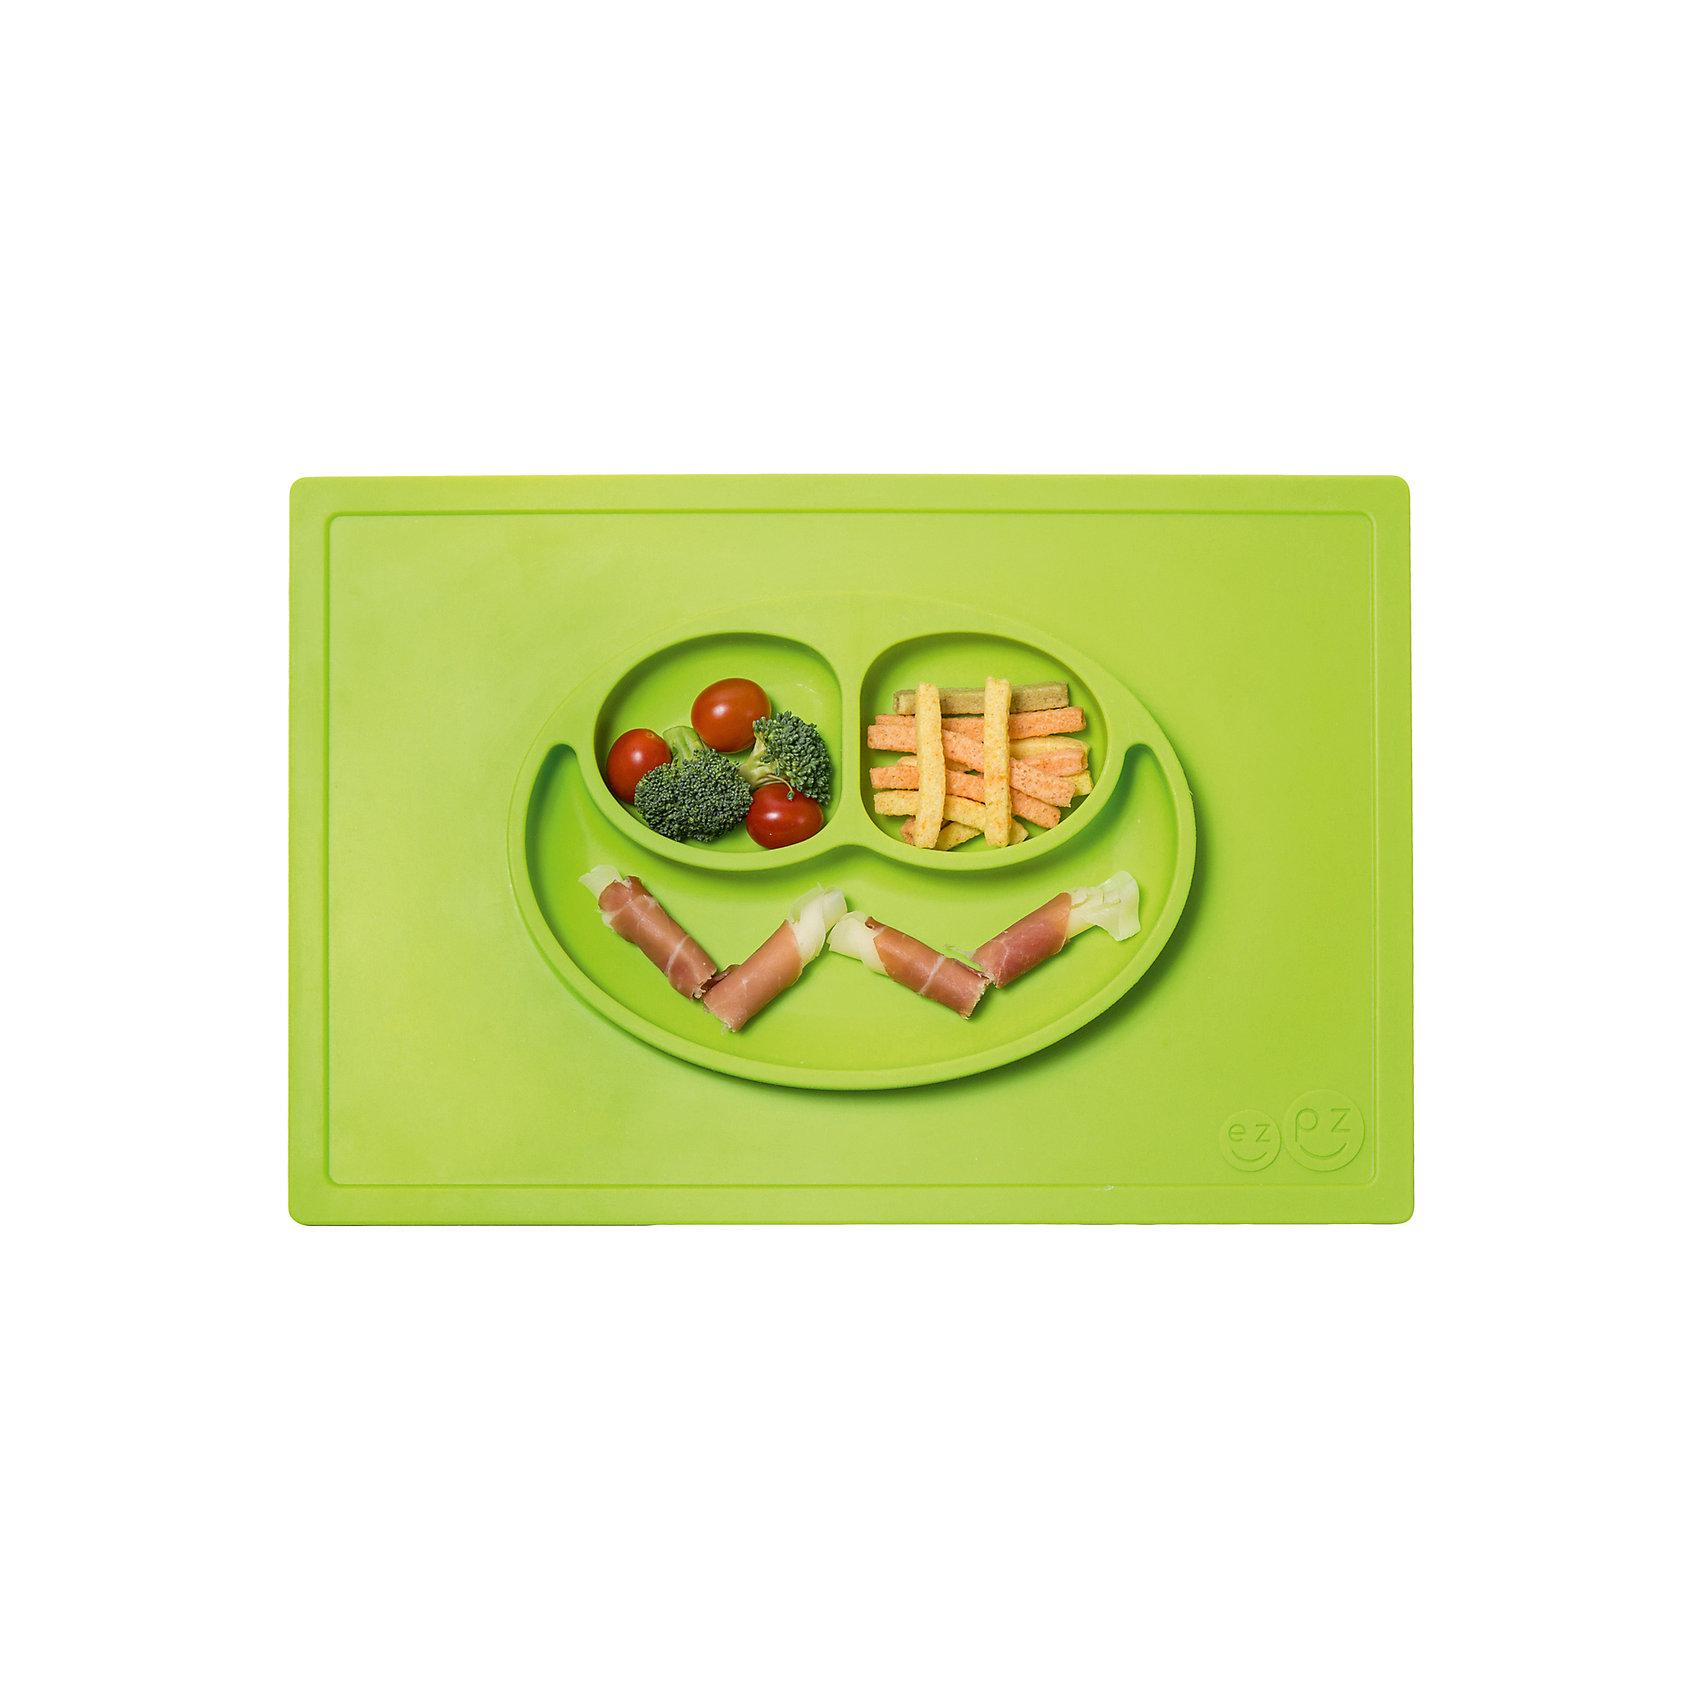 Тарелка с подставкой Happy Mat, ezpz, зеленыйПосуда для малышей<br>Тарелка с подставкой Happy Mat, ezpz, зеленый.<br><br>Характеристики:<br>• изготовлена из качественного пищевого силикона<br>• надежно крепится к столу<br>• сгибается по краям<br>• 3 отсека для еды<br>• подходит для посудомоечной машины и микроволновой печи<br>• не содержит бисфенол, свинец, фталаты, поливинилхлорид<br>• приятный дизайн<br>• состав: 100% силикон<br>• размер: 38х25,5х3 см<br>• объем: 540 мл<br>• цвет: зеленый<br><br>Тарелка с подставкой Happy Mat, ezpz пригодится, если в доме живут маленькие непоседы. Тарелка имеет 3 глубоких отсека, что позволяет подавать еду раздельно. Вы сможете одновременно подать к столу мясо, гарнир и фрукты, не пачкая лишнюю посуду. Дно тарелки надежно крепится к плоской поверхности - вы можете не переживать, что малыш опрокинет еду и обожжется. Приятный дизайн тарелки понравится ребенку, и он обязательно будет есть с аппетитом!<br><br>Тарелку с подставкой Happy Mat, ezpz, зеленый можно купить в нашем интернет-магазине.<br><br>Ширина мм: 380<br>Глубина мм: 25<br>Высота мм: 255<br>Вес г: 701<br>Возраст от месяцев: 0<br>Возраст до месяцев: 36<br>Пол: Унисекс<br>Возраст: Детский<br>SKU: 5068704